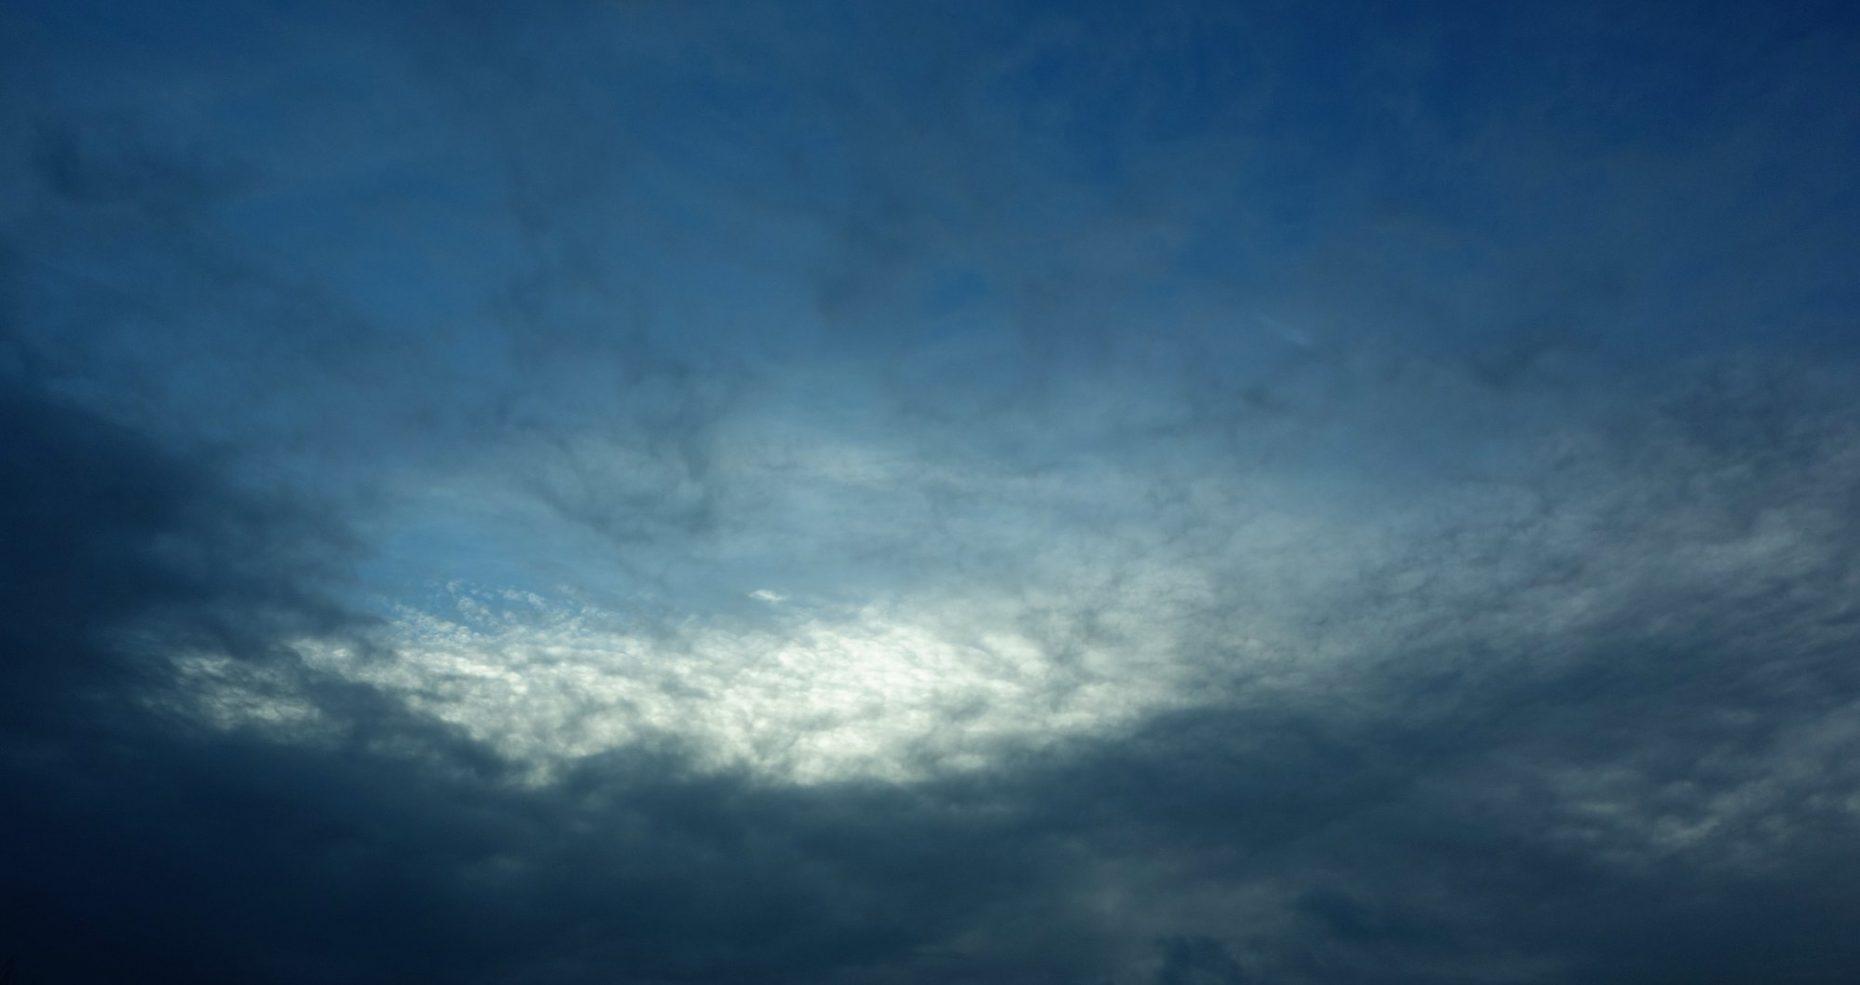 Éclaircie dans un ciel nuageux